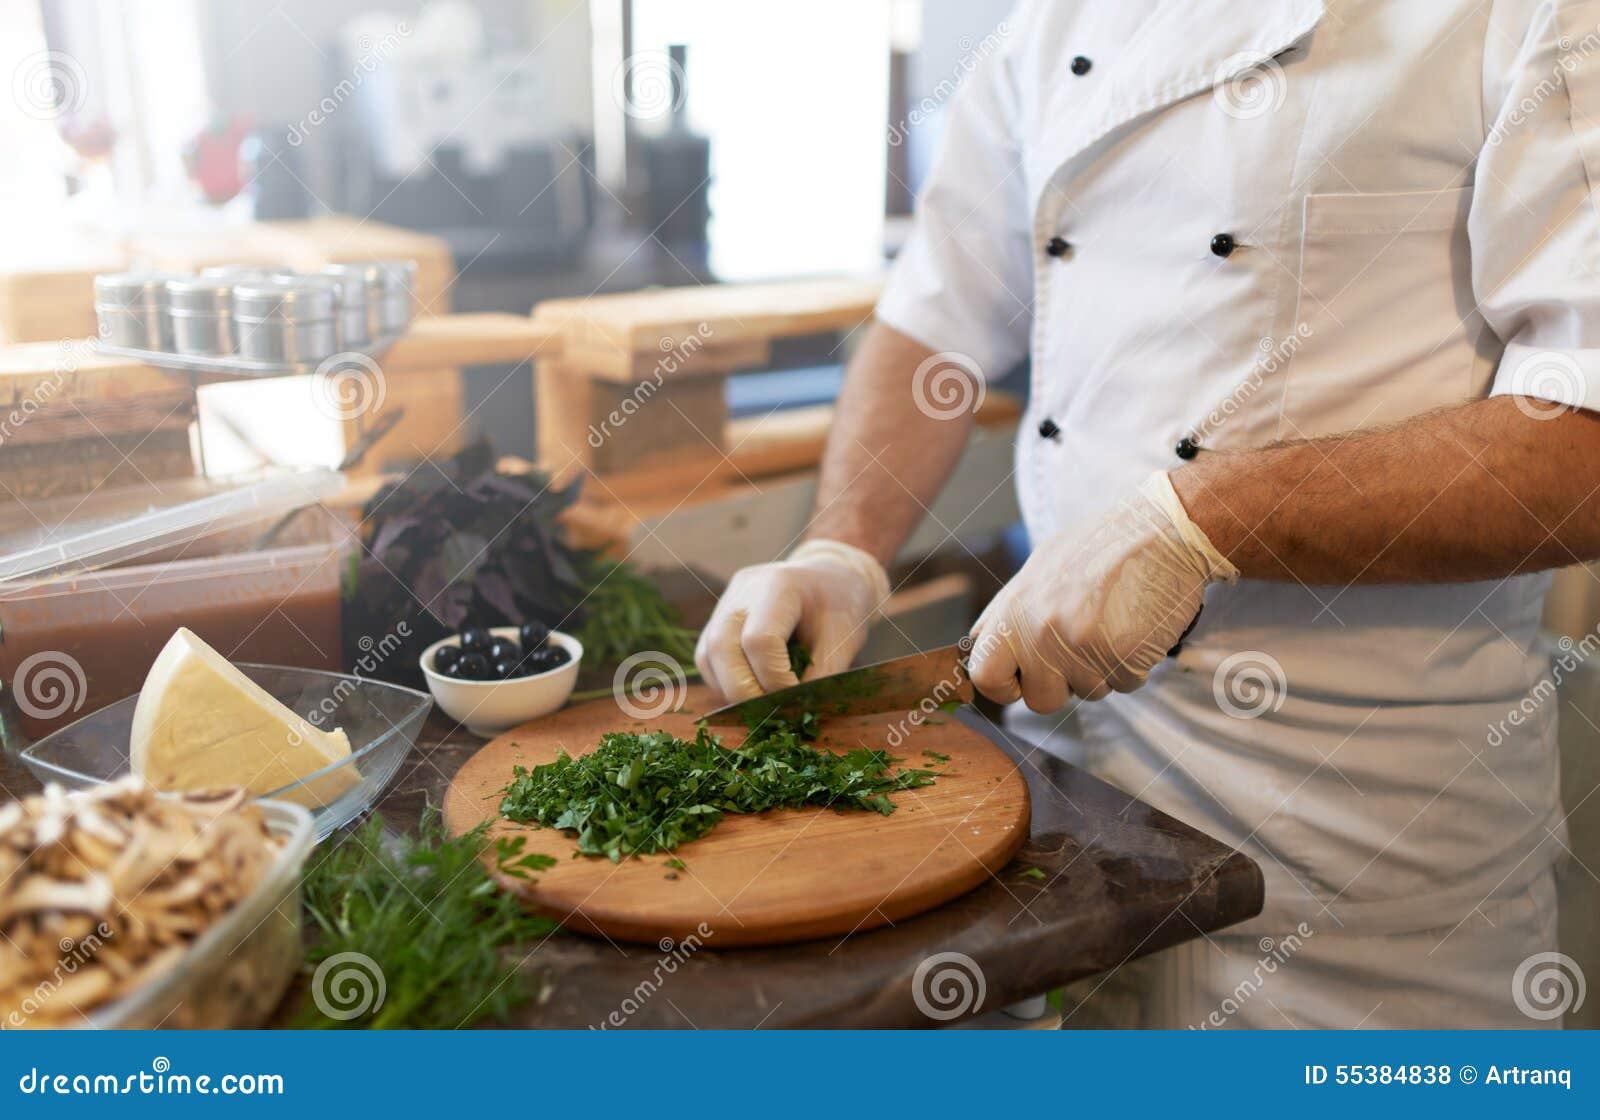 Ο μάγειρας τεμαχίζει το μαϊντανό με ένα μαχαίρι εν πλω